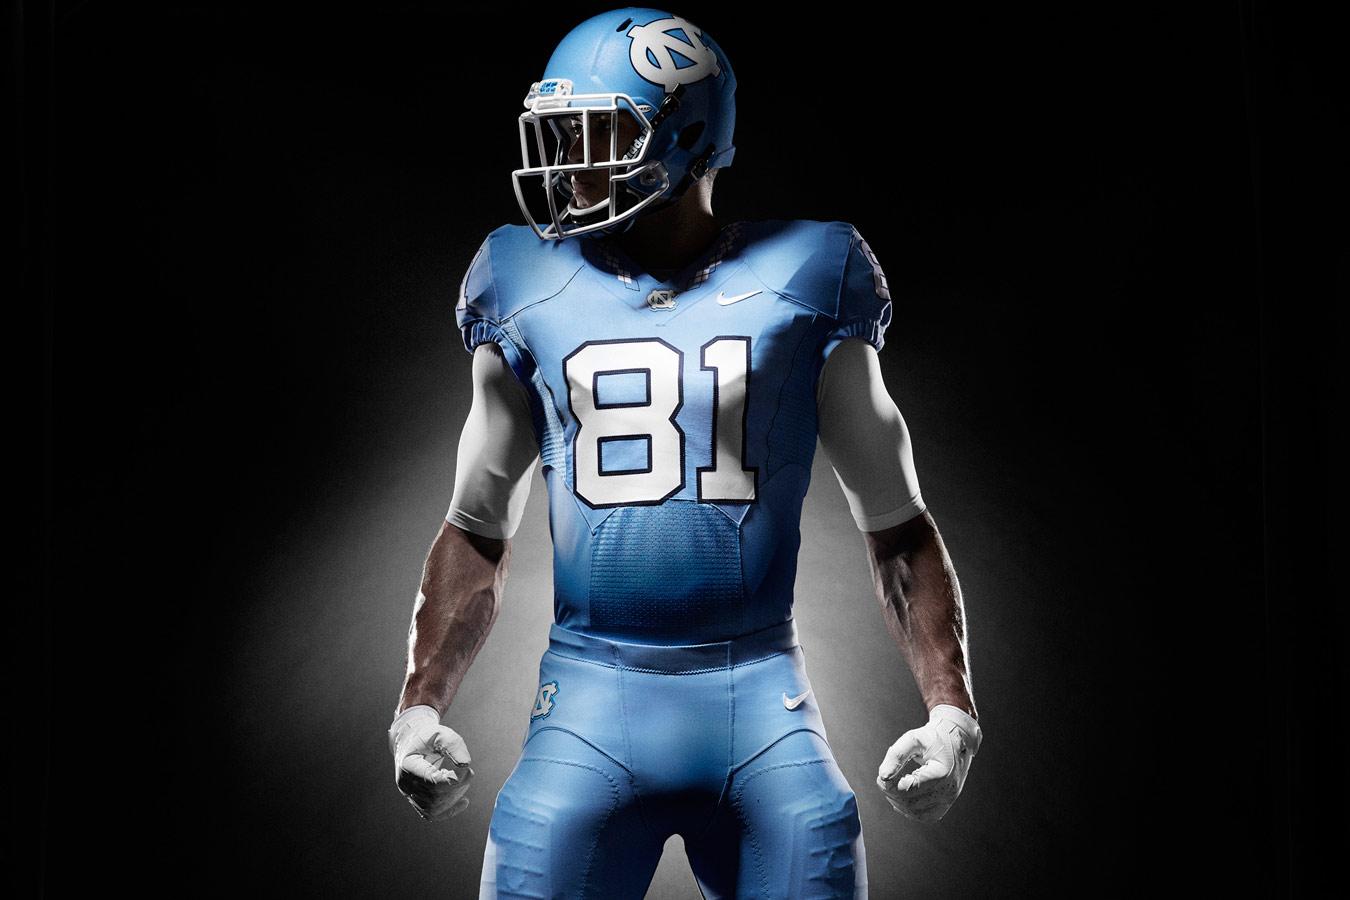 d213b10d118 North Carolina unveils new football uniforms